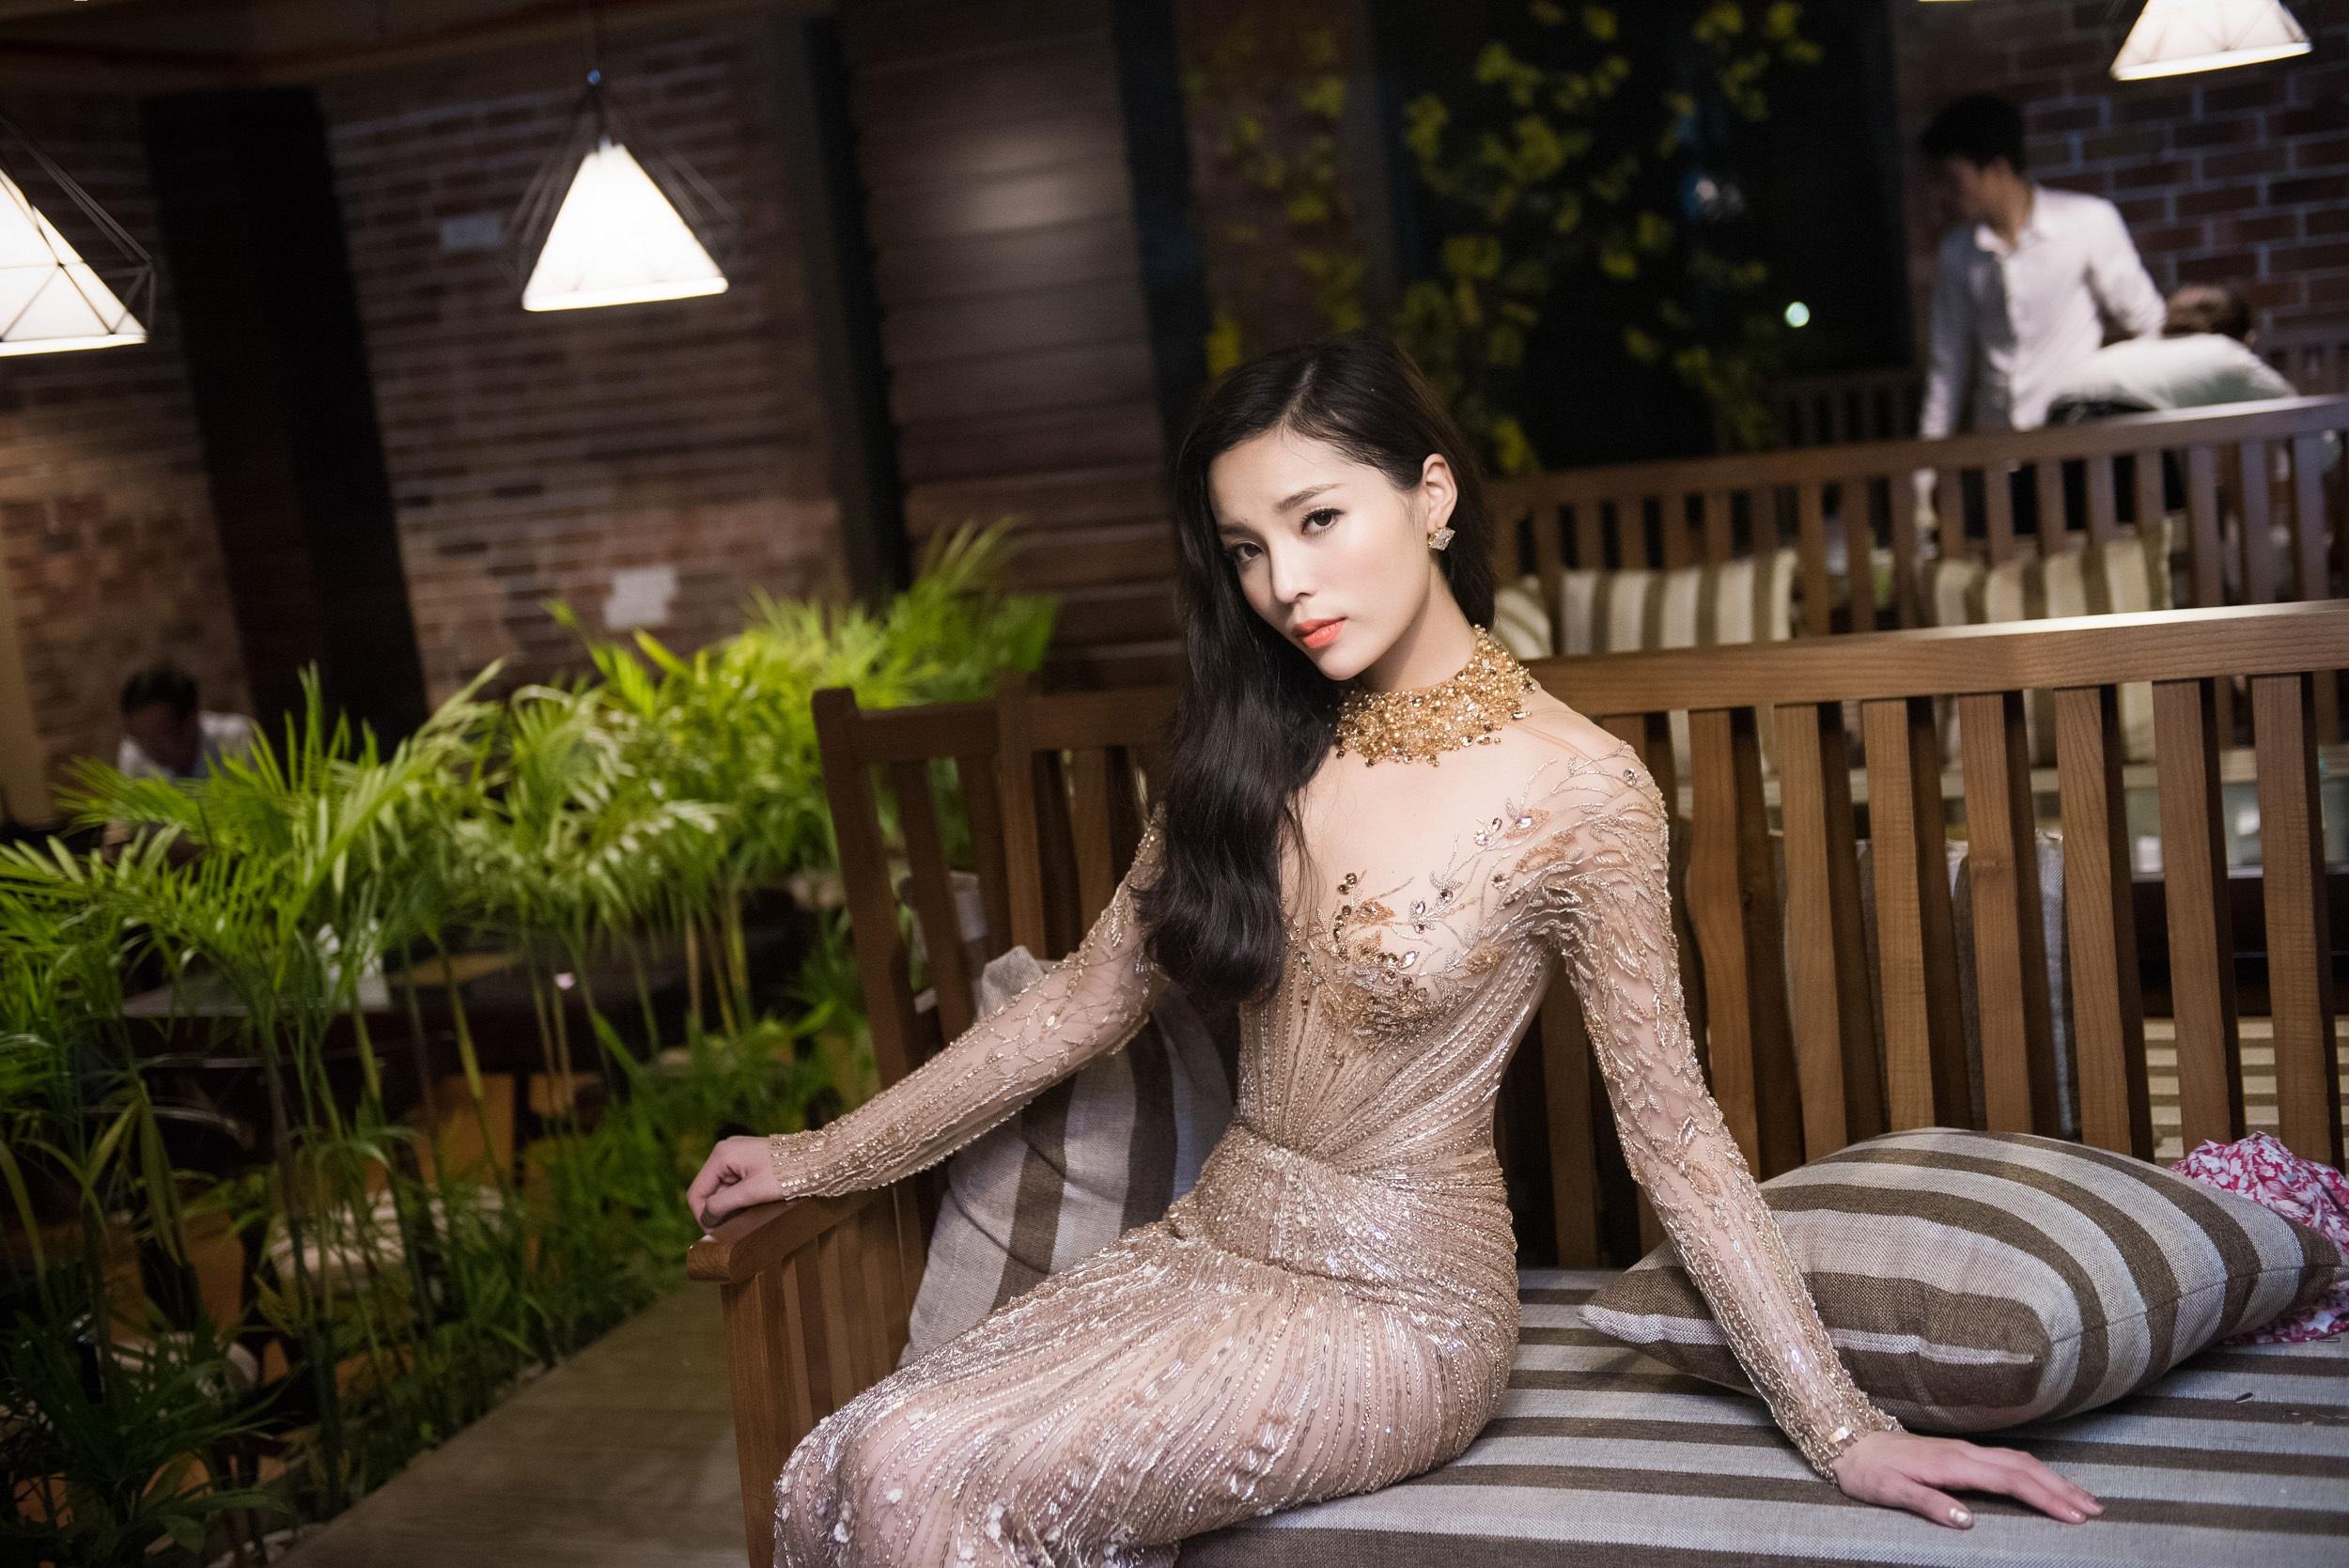 Dựa trên hình ảnh và thông tin chi tiết mà thẩm mỹ viện này cung cấp, Hoa hậu Kỳ Duyên đã sử dụng những công nghệ làm đẹp tại đây.